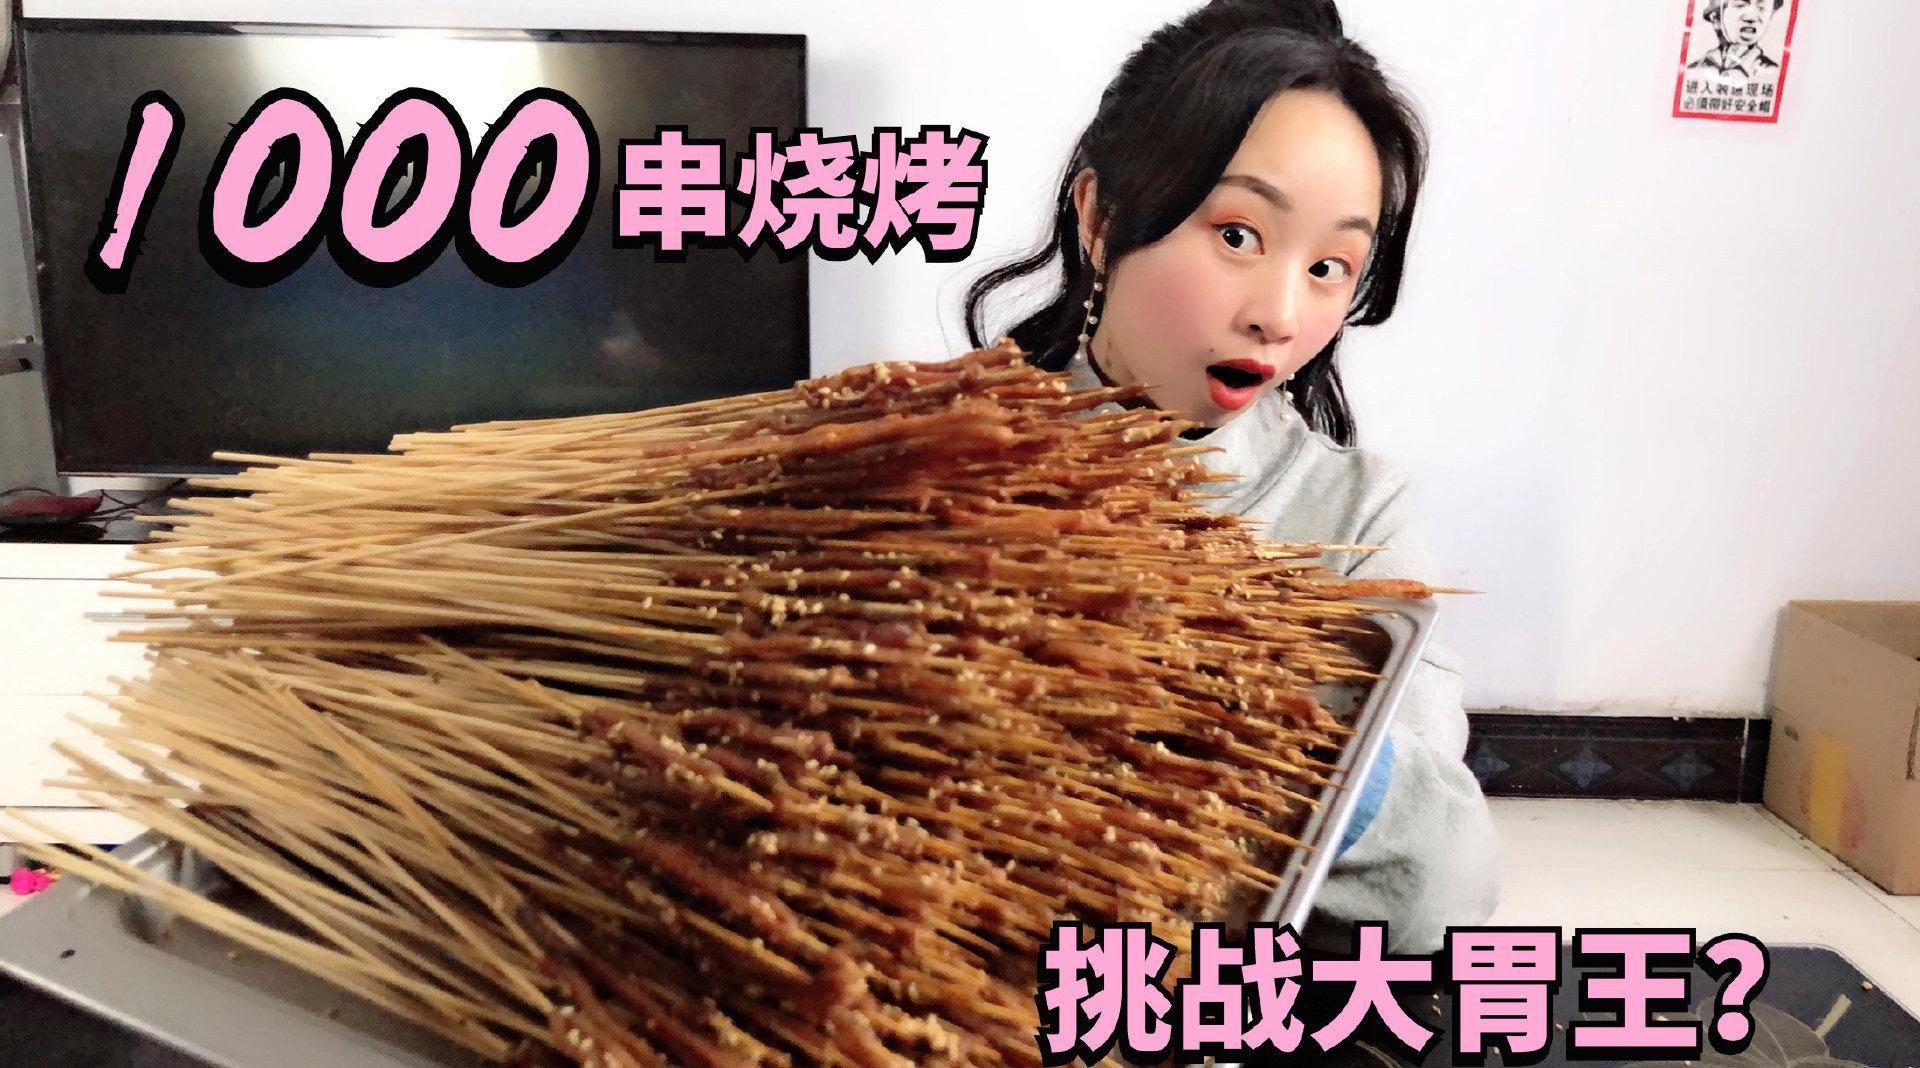 妹子烤了1000串烤鸭肠,挑战大胃王全部吃完,结果尴尬了!